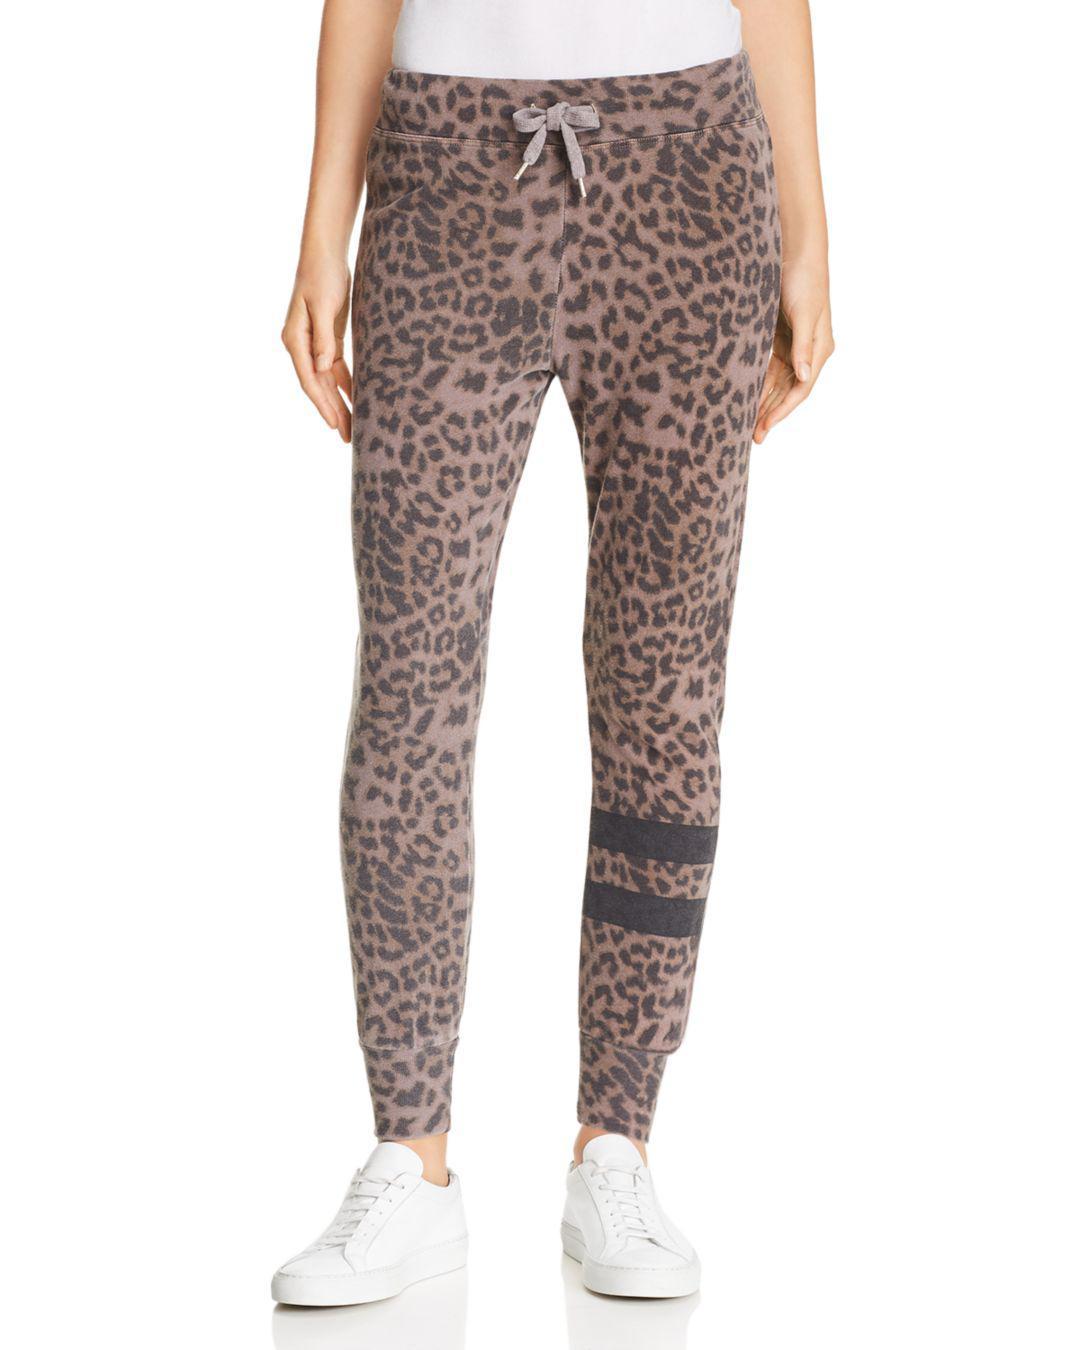 0587f44f91e9 Sundry Women's Leopard Print Joggers - Pigment Mink - Lyst